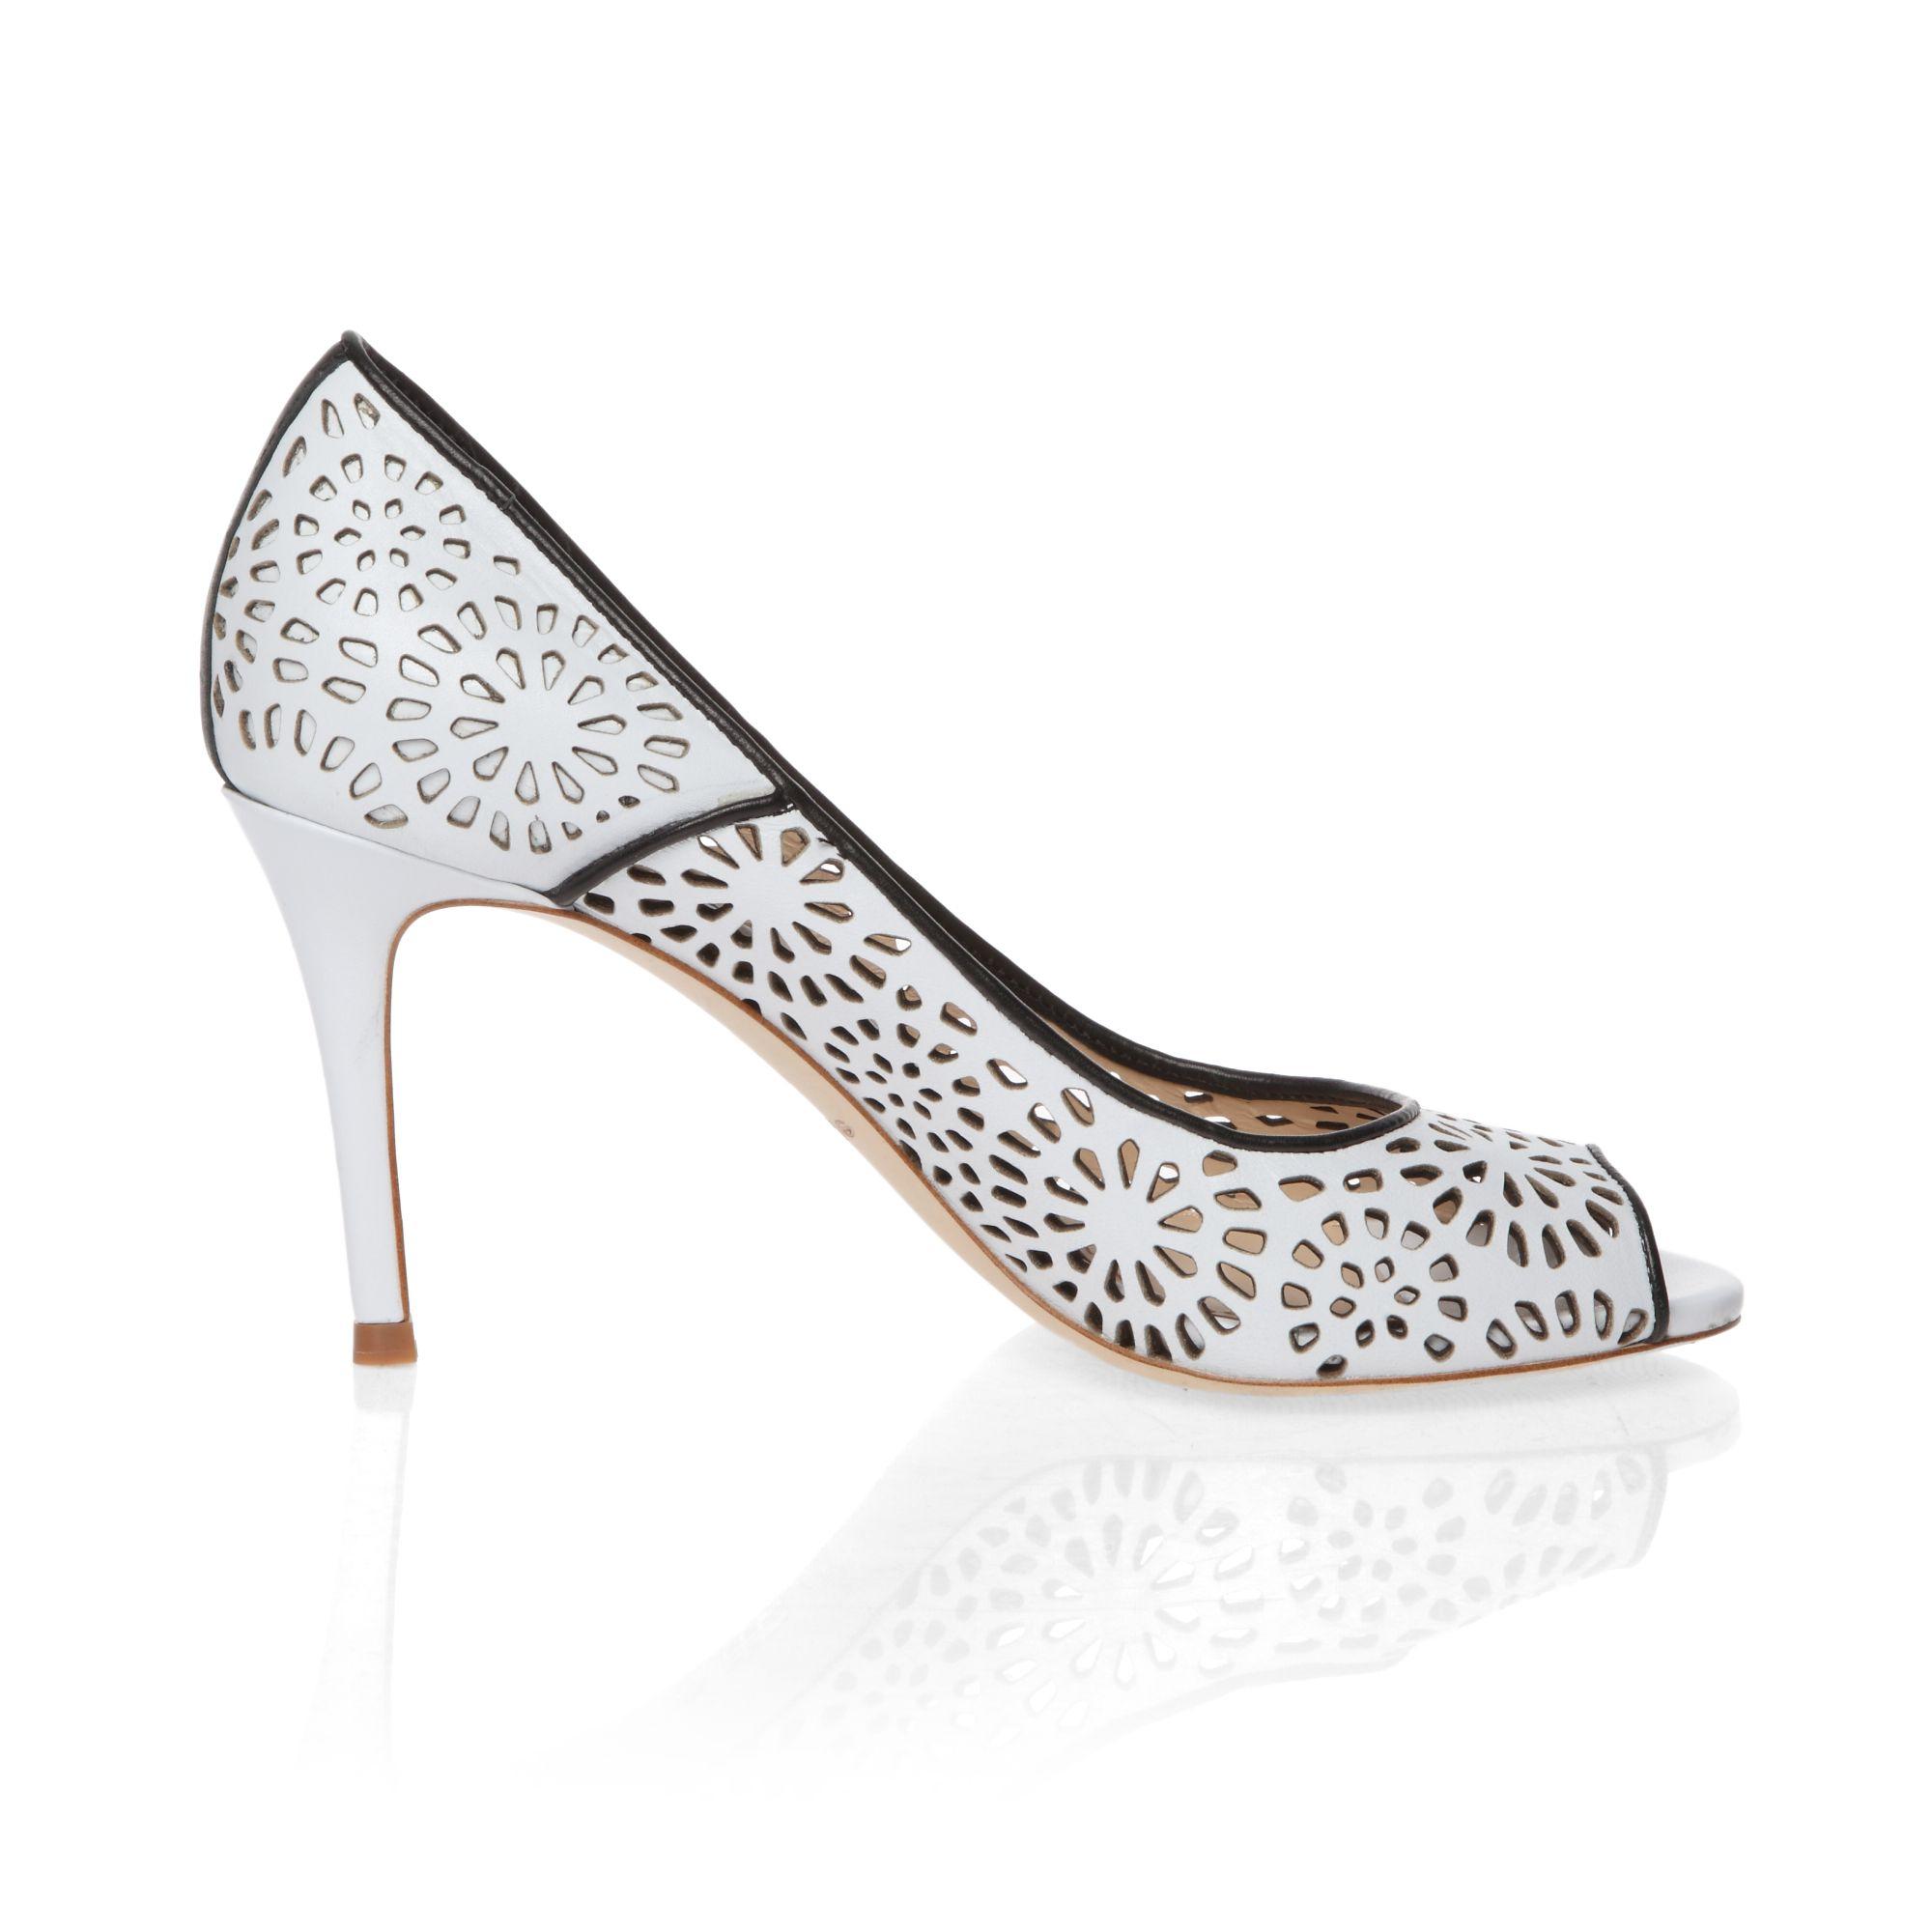 Mascotte Shoes Australia